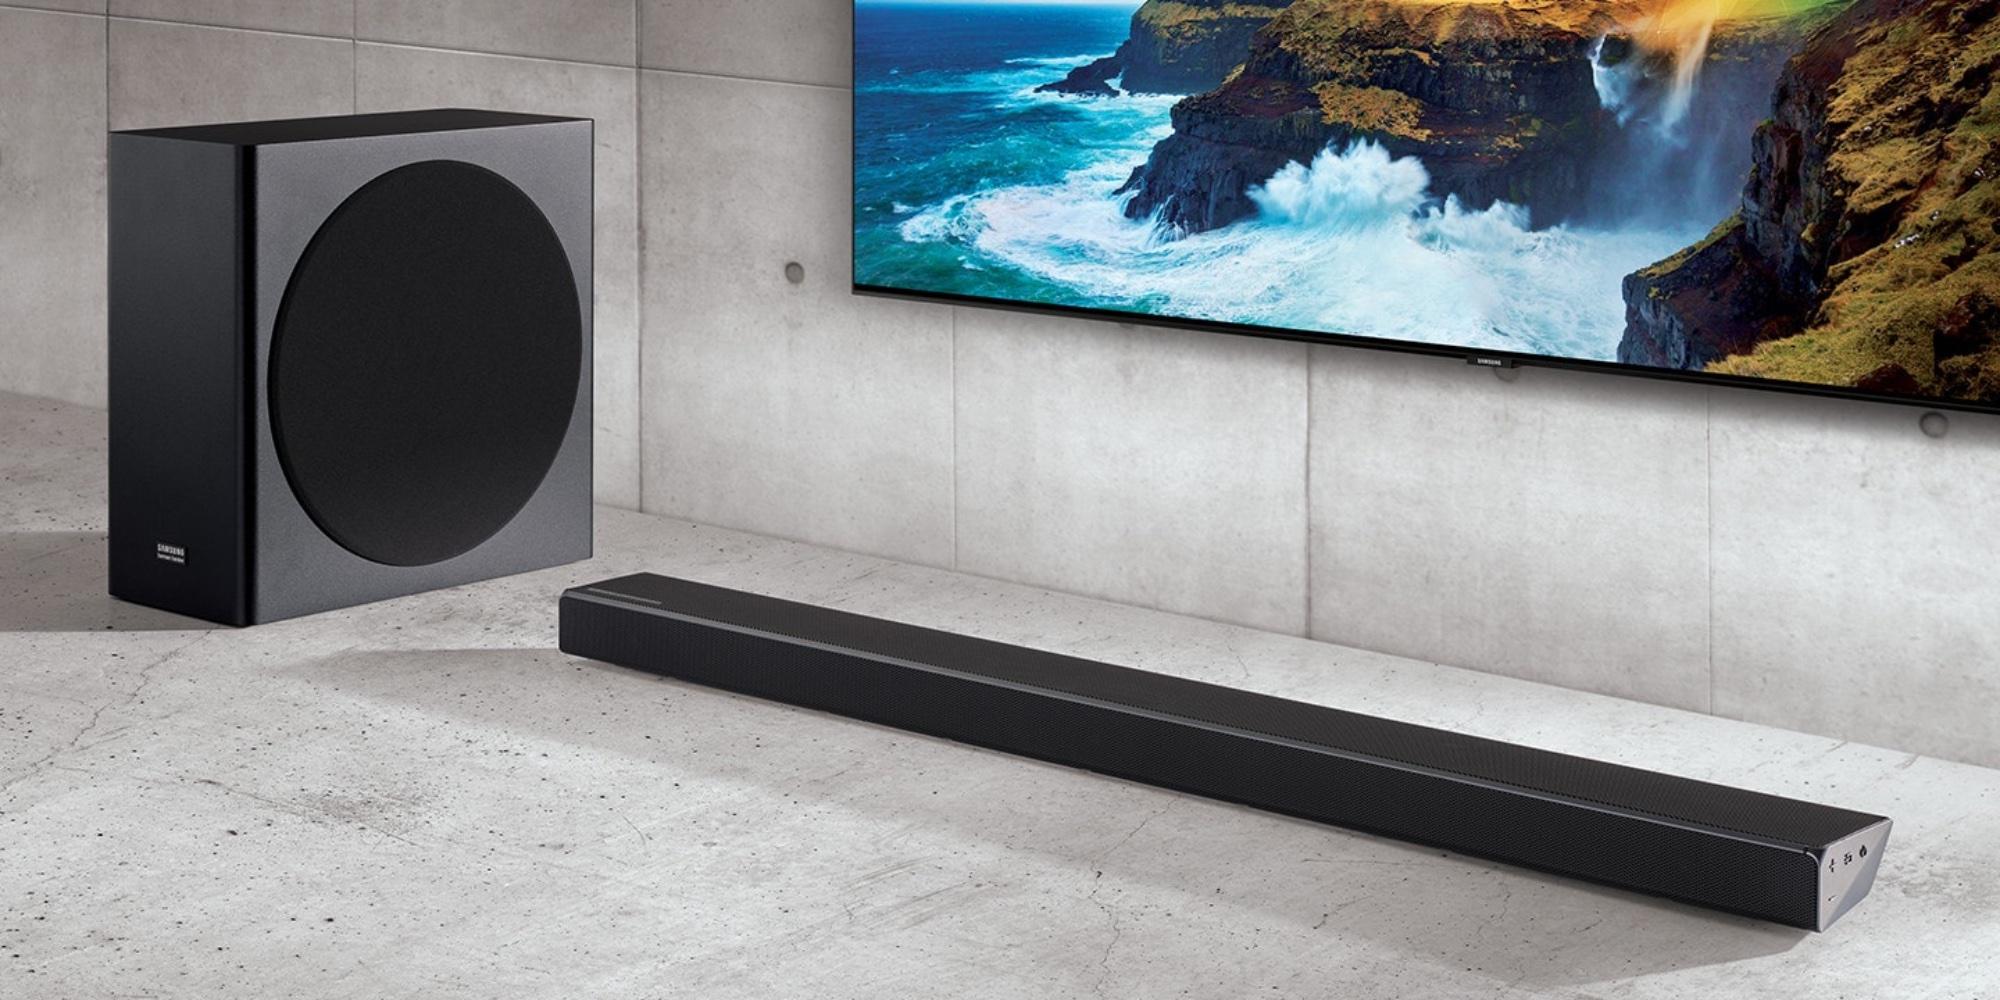 3.1.2-Channel surround sound